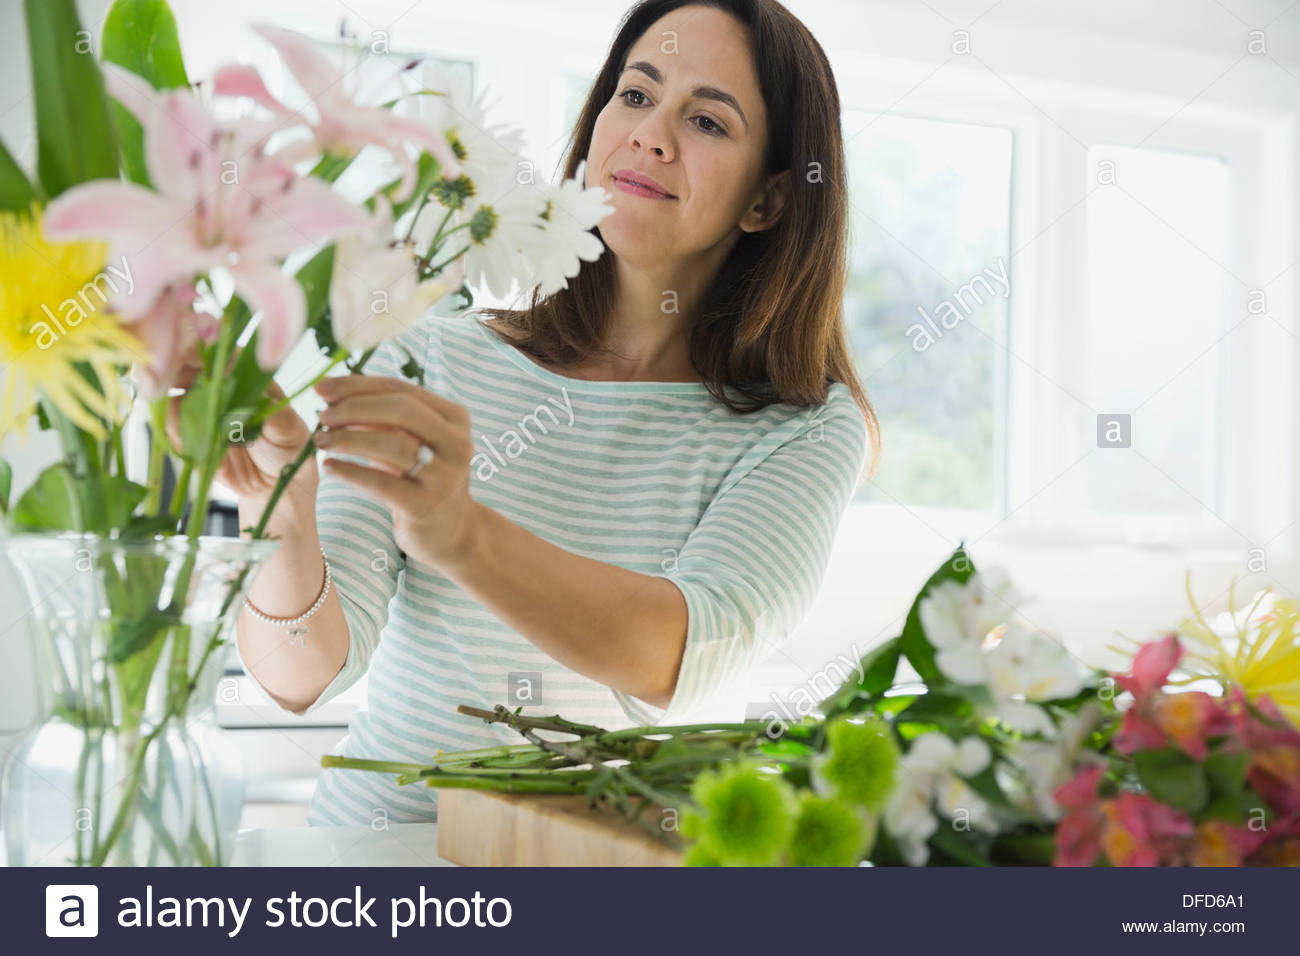 Mujer arreglar las flores en un jarrón en casa Imagen De Stock